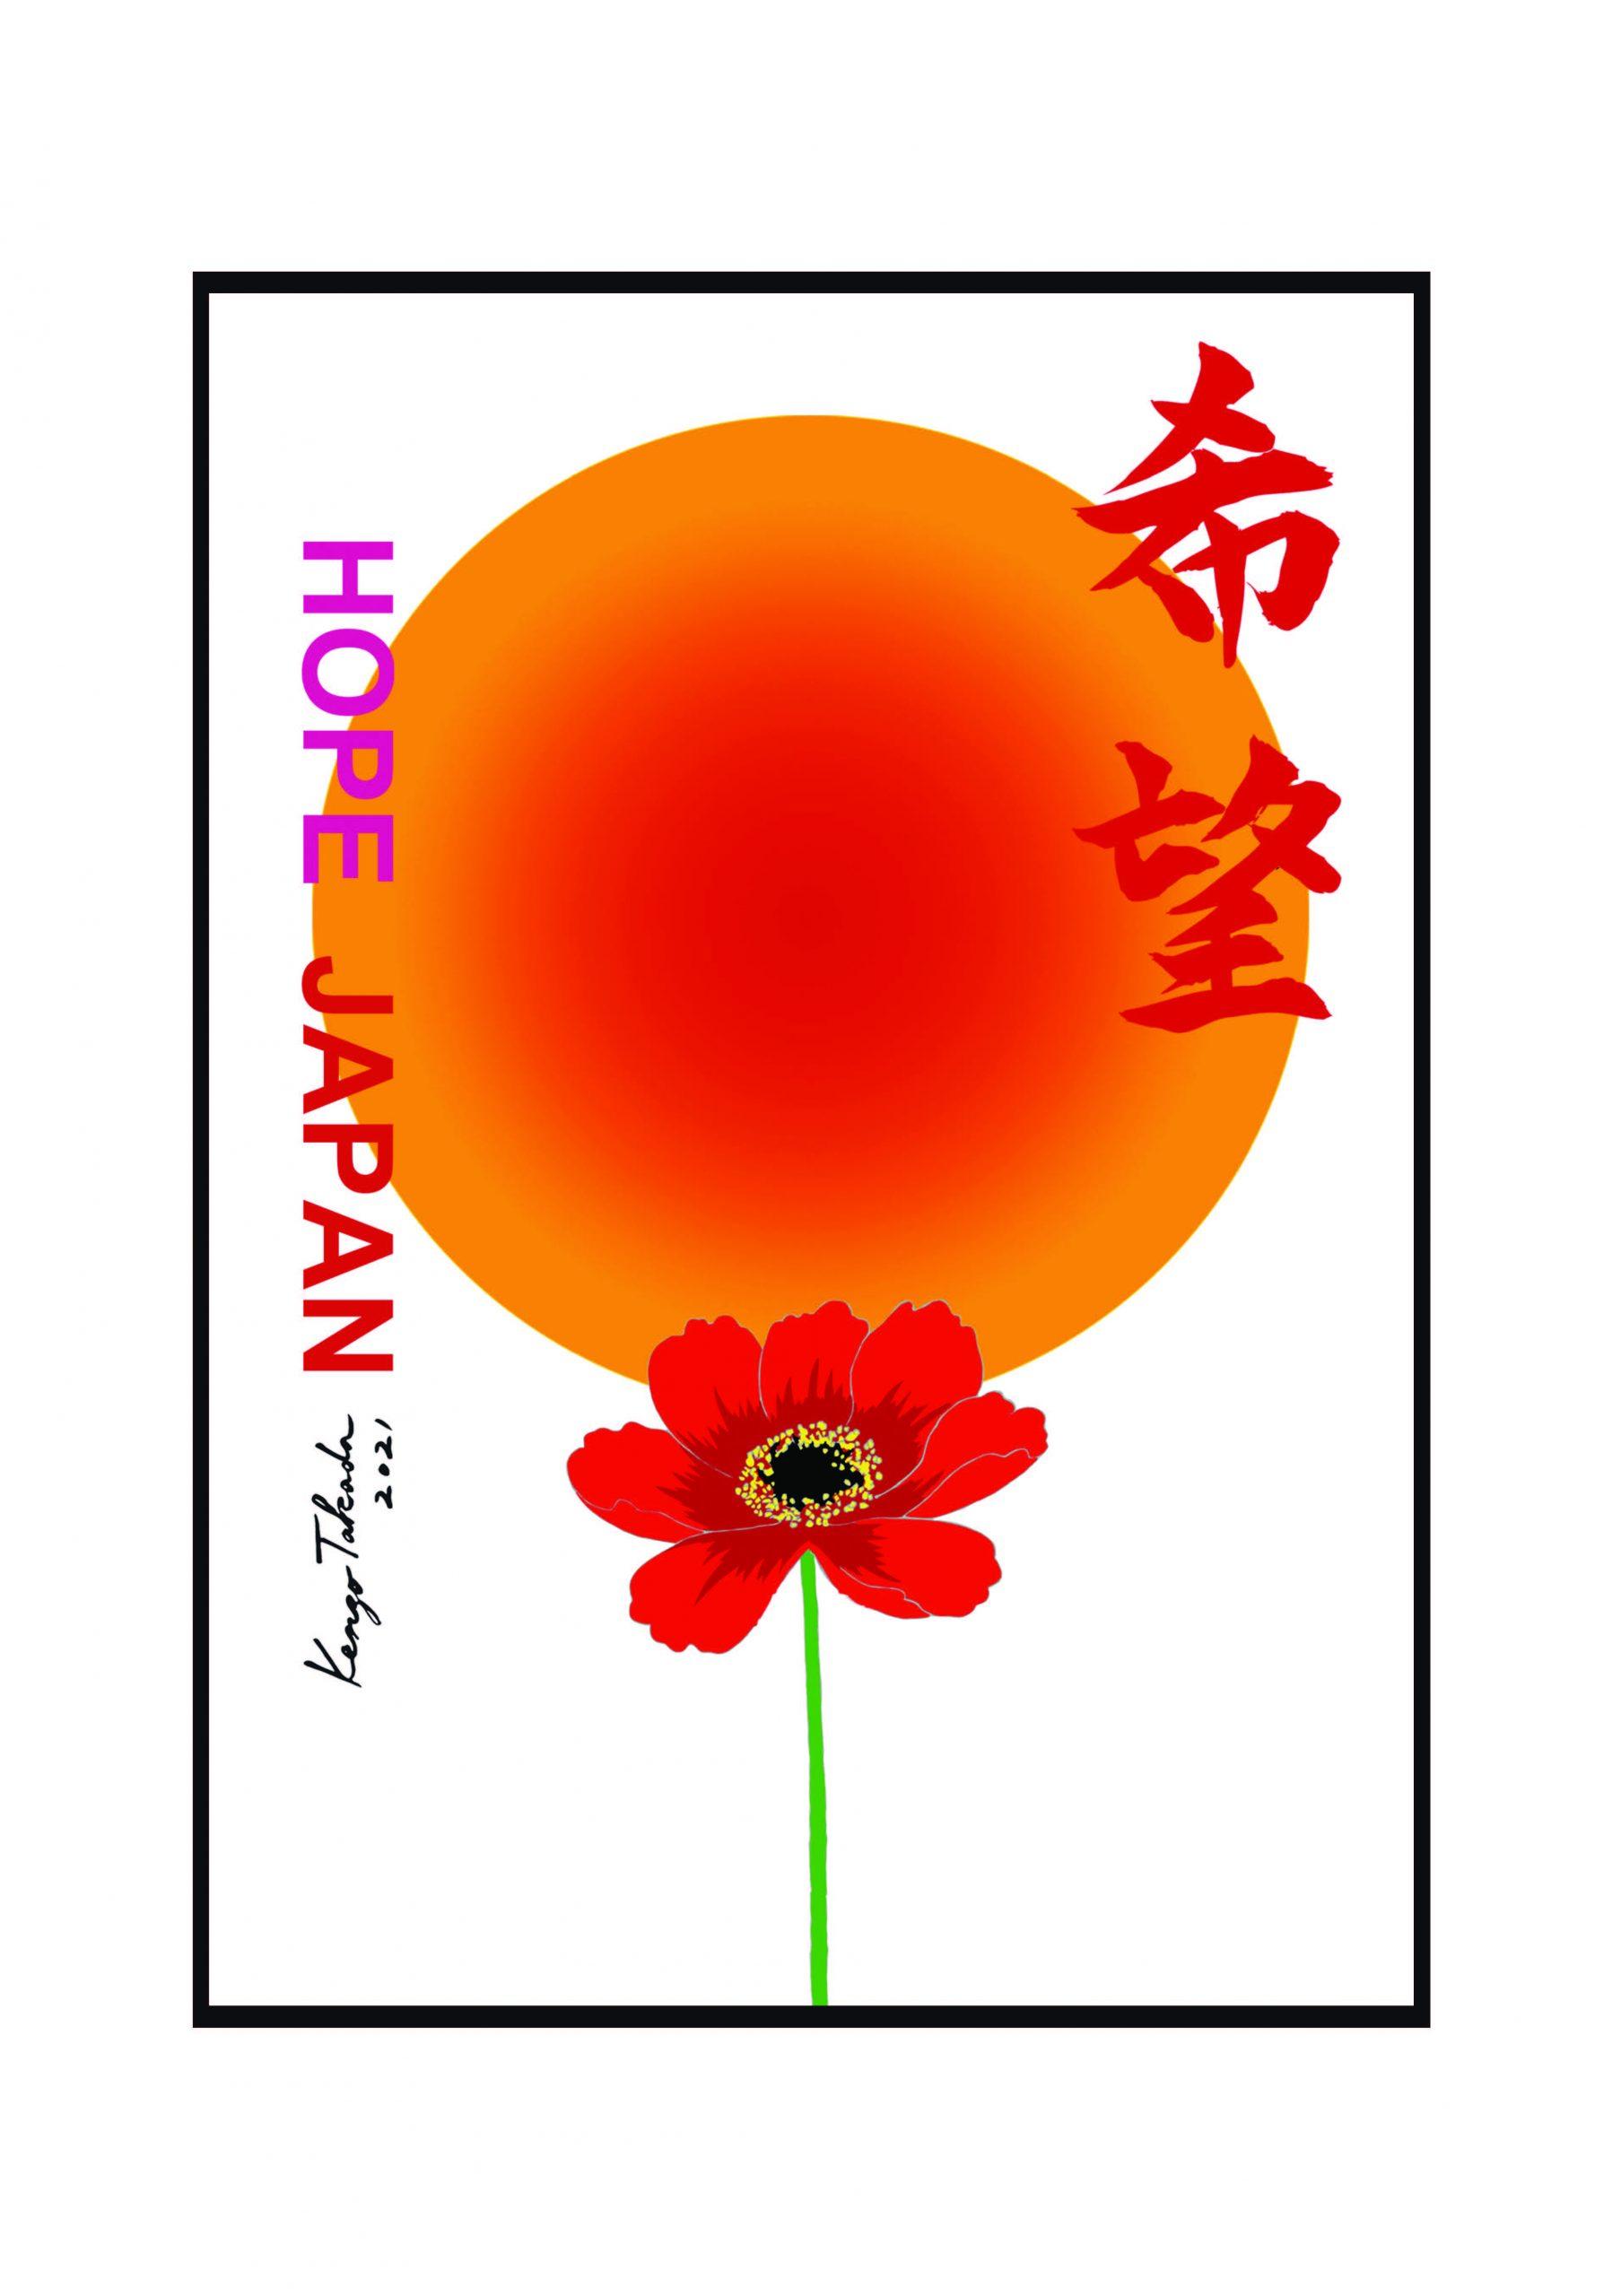 画像:東京バレエ団<HOPE JAPAN 2021><br>東日本大震災10年/コロナ禍復興プロジェクト